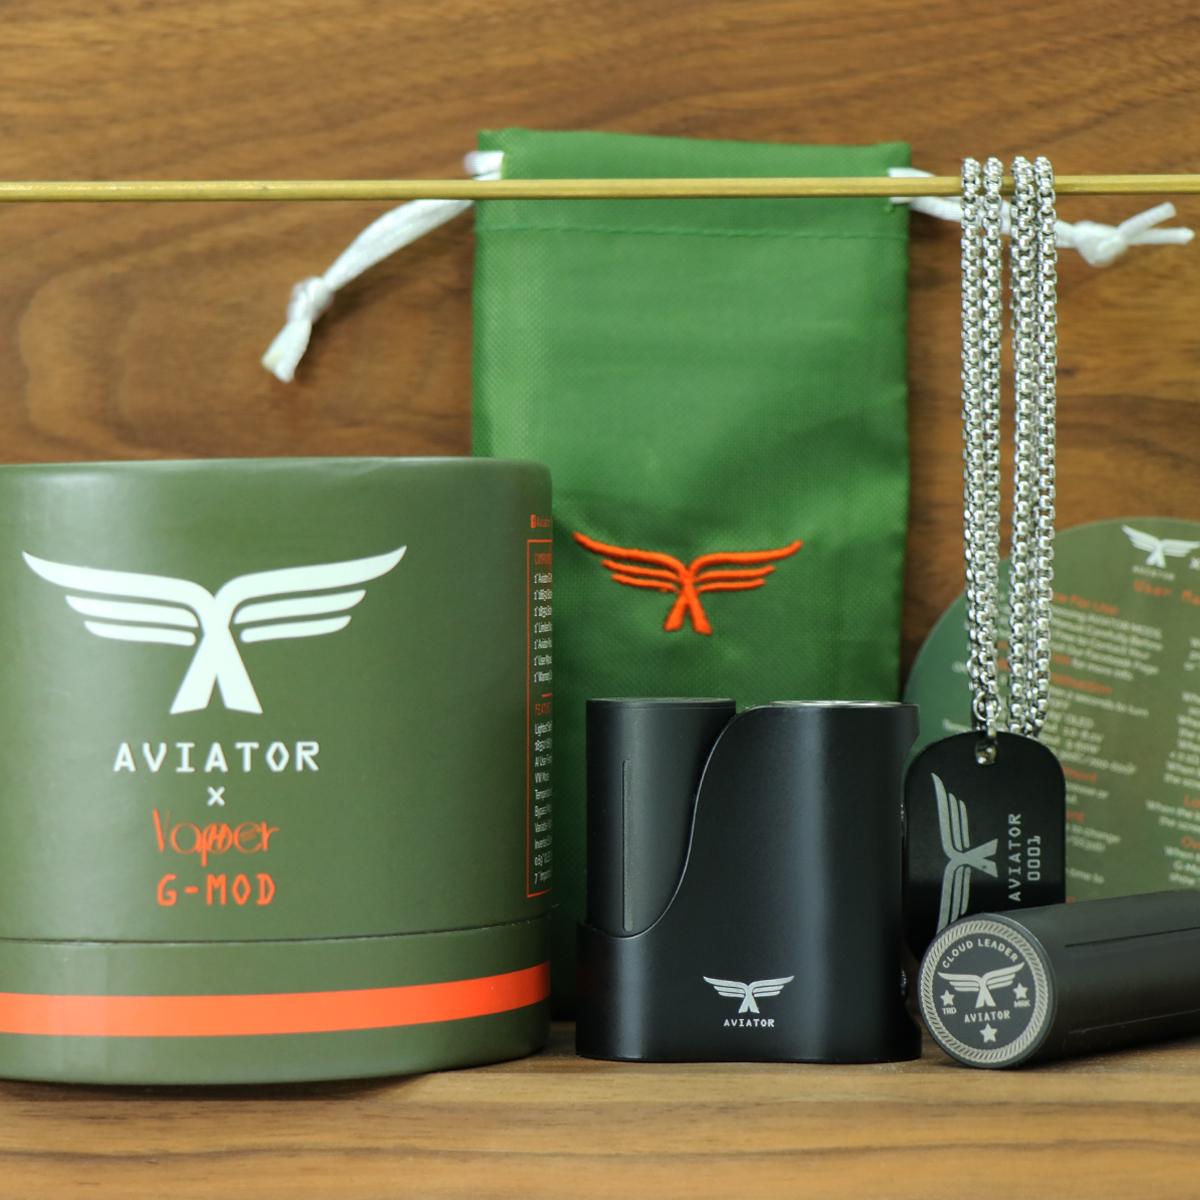 G-Mod 60W Aviator Mods contenido de la caja